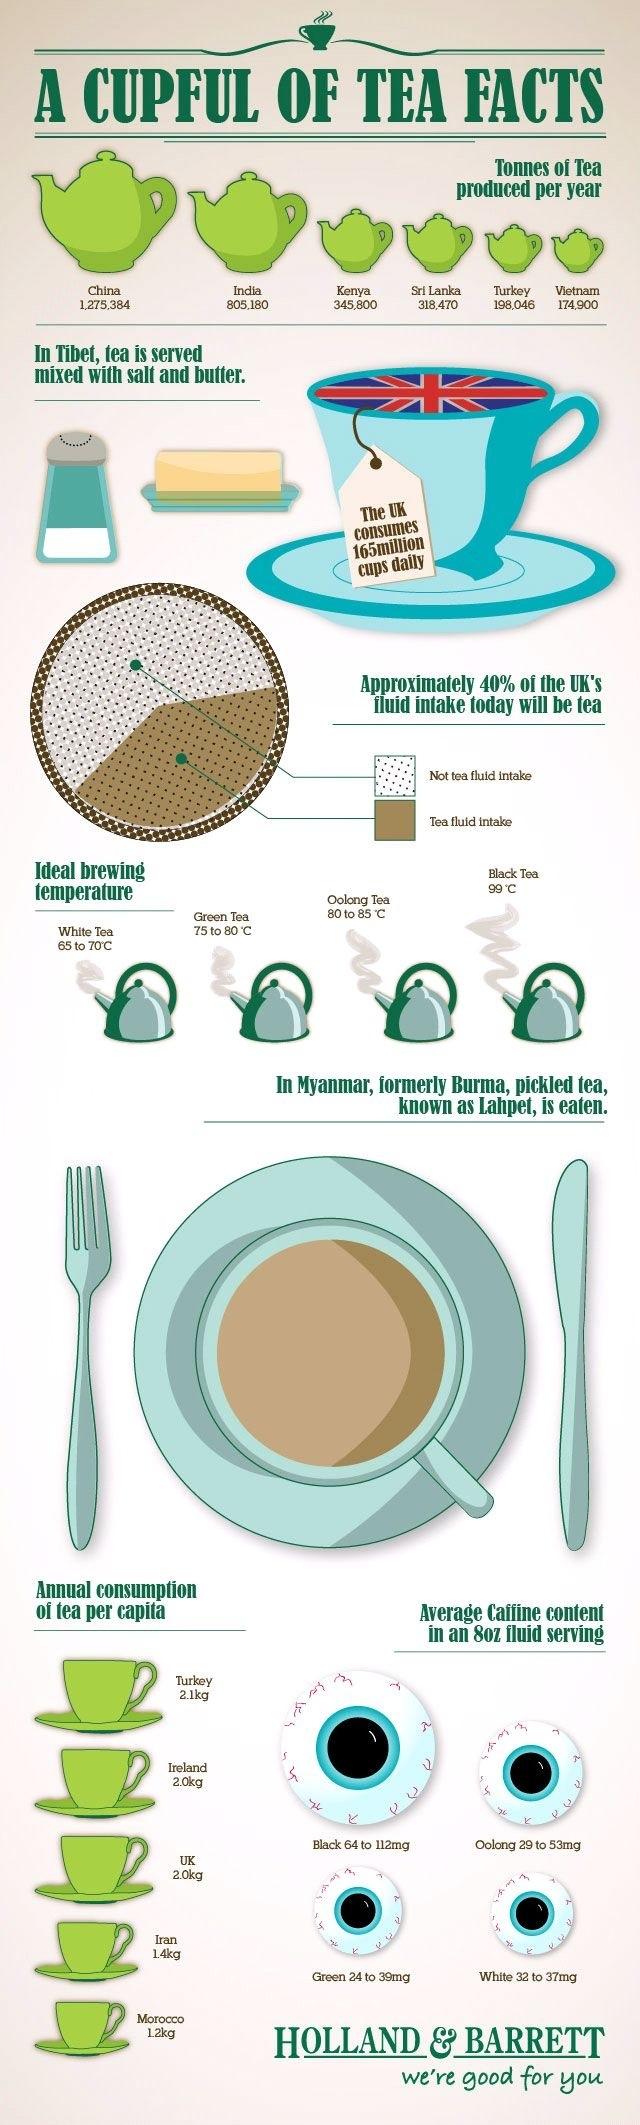 facts about tea The model life Jocette